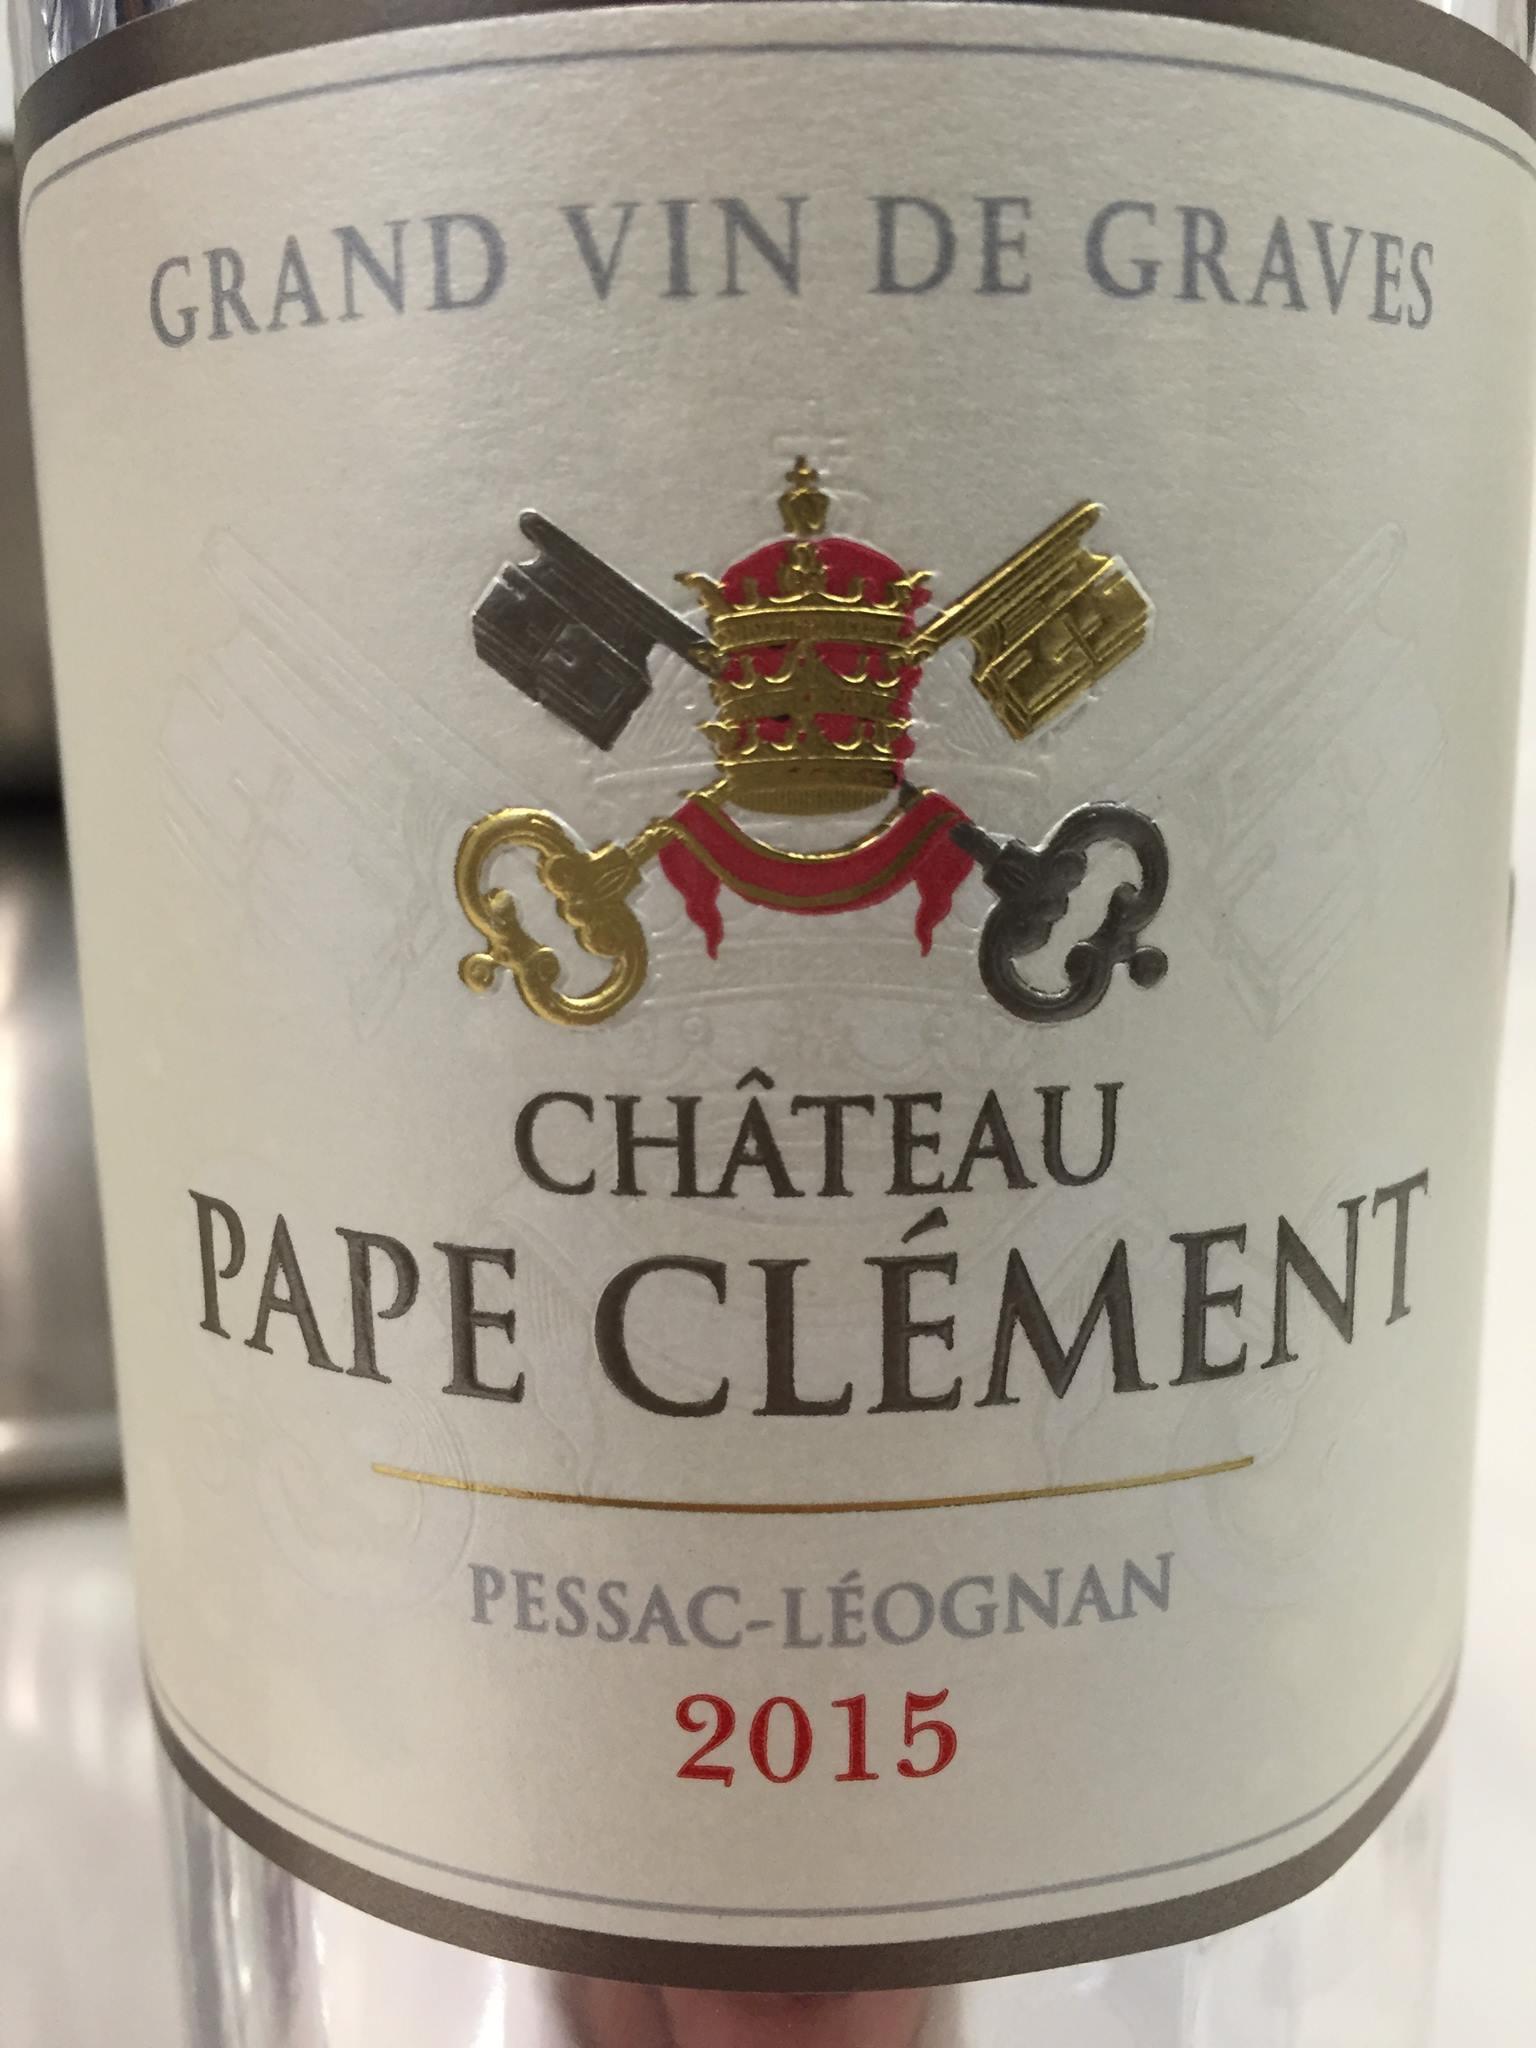 Château Pape Clément 2015 – Pessac-Léognan